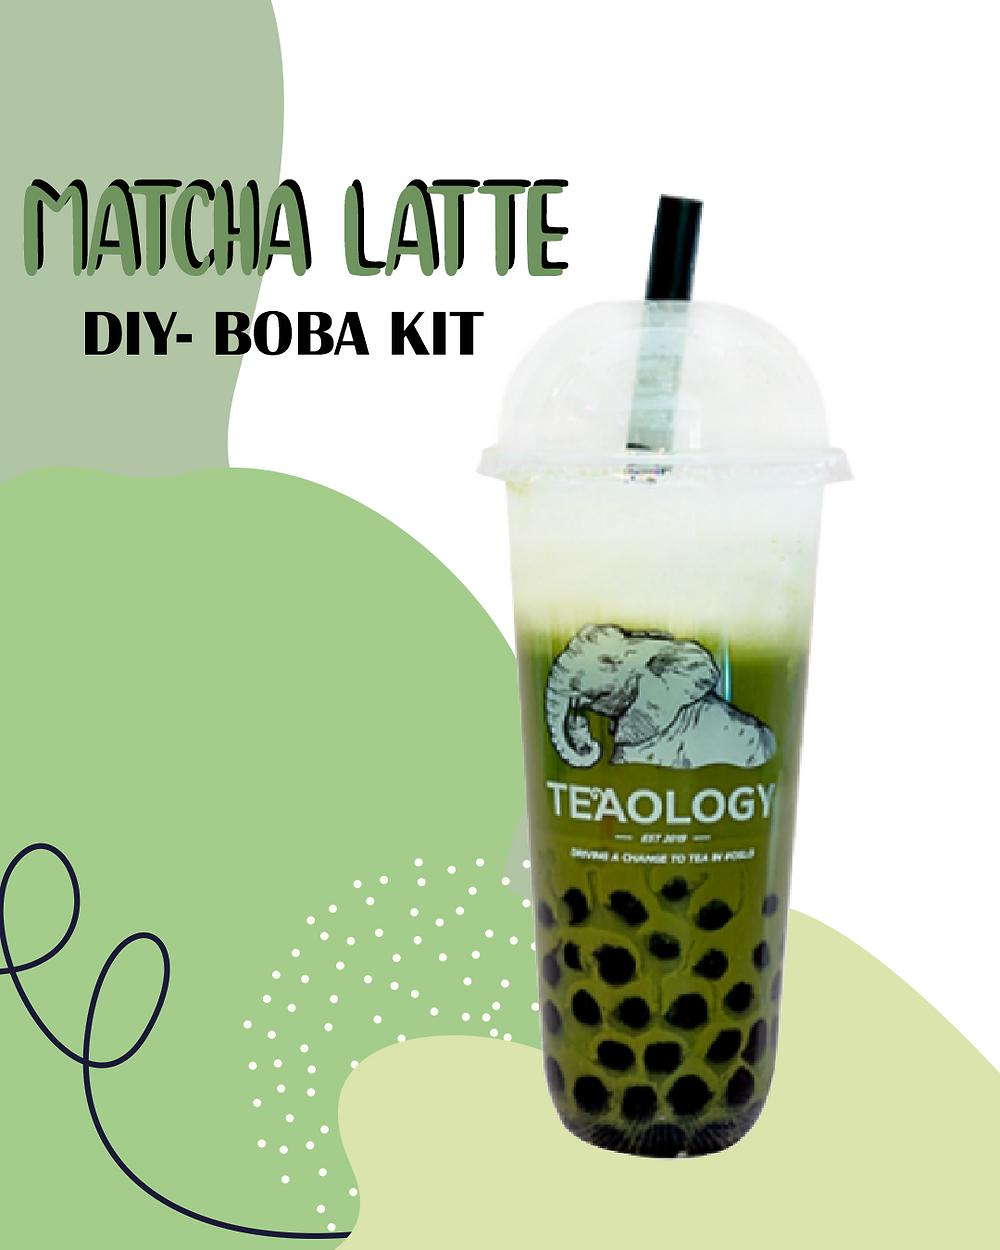 Matcha latte at home bubble tea